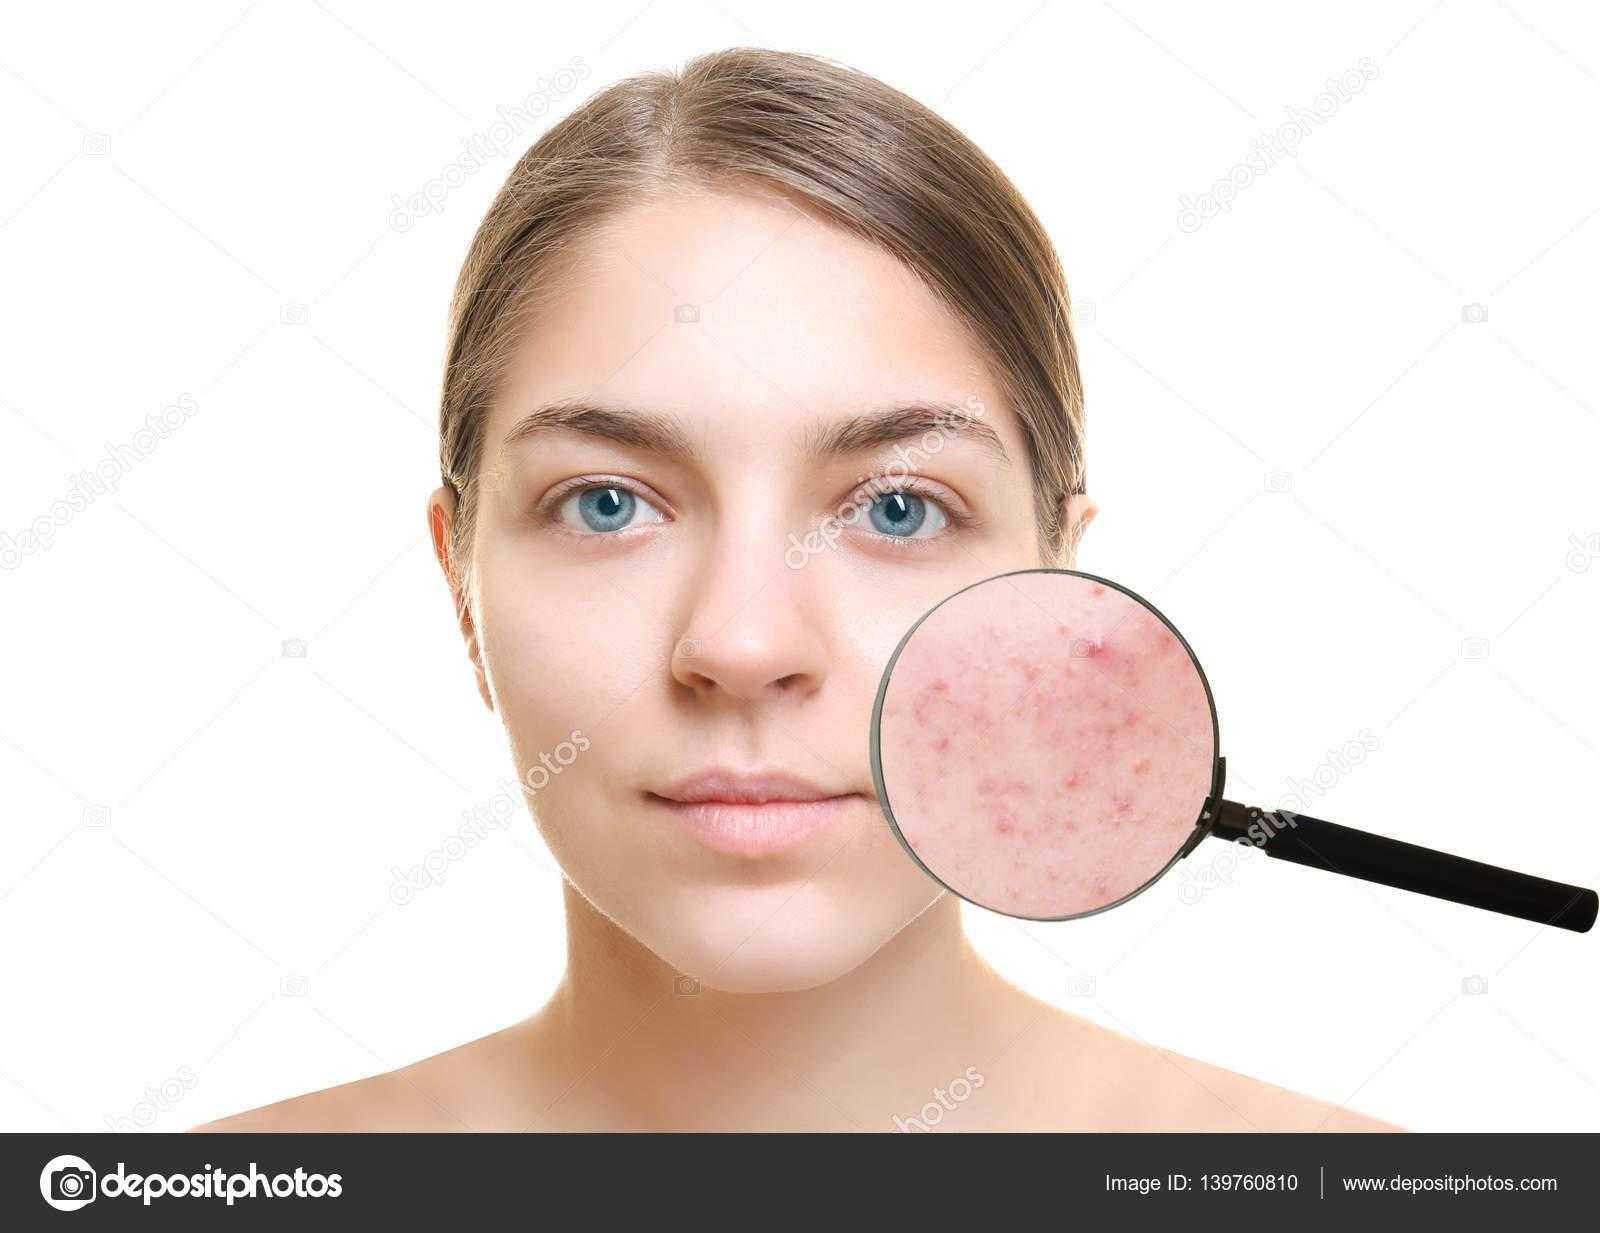 Как убрать пятна от прыщей на лице